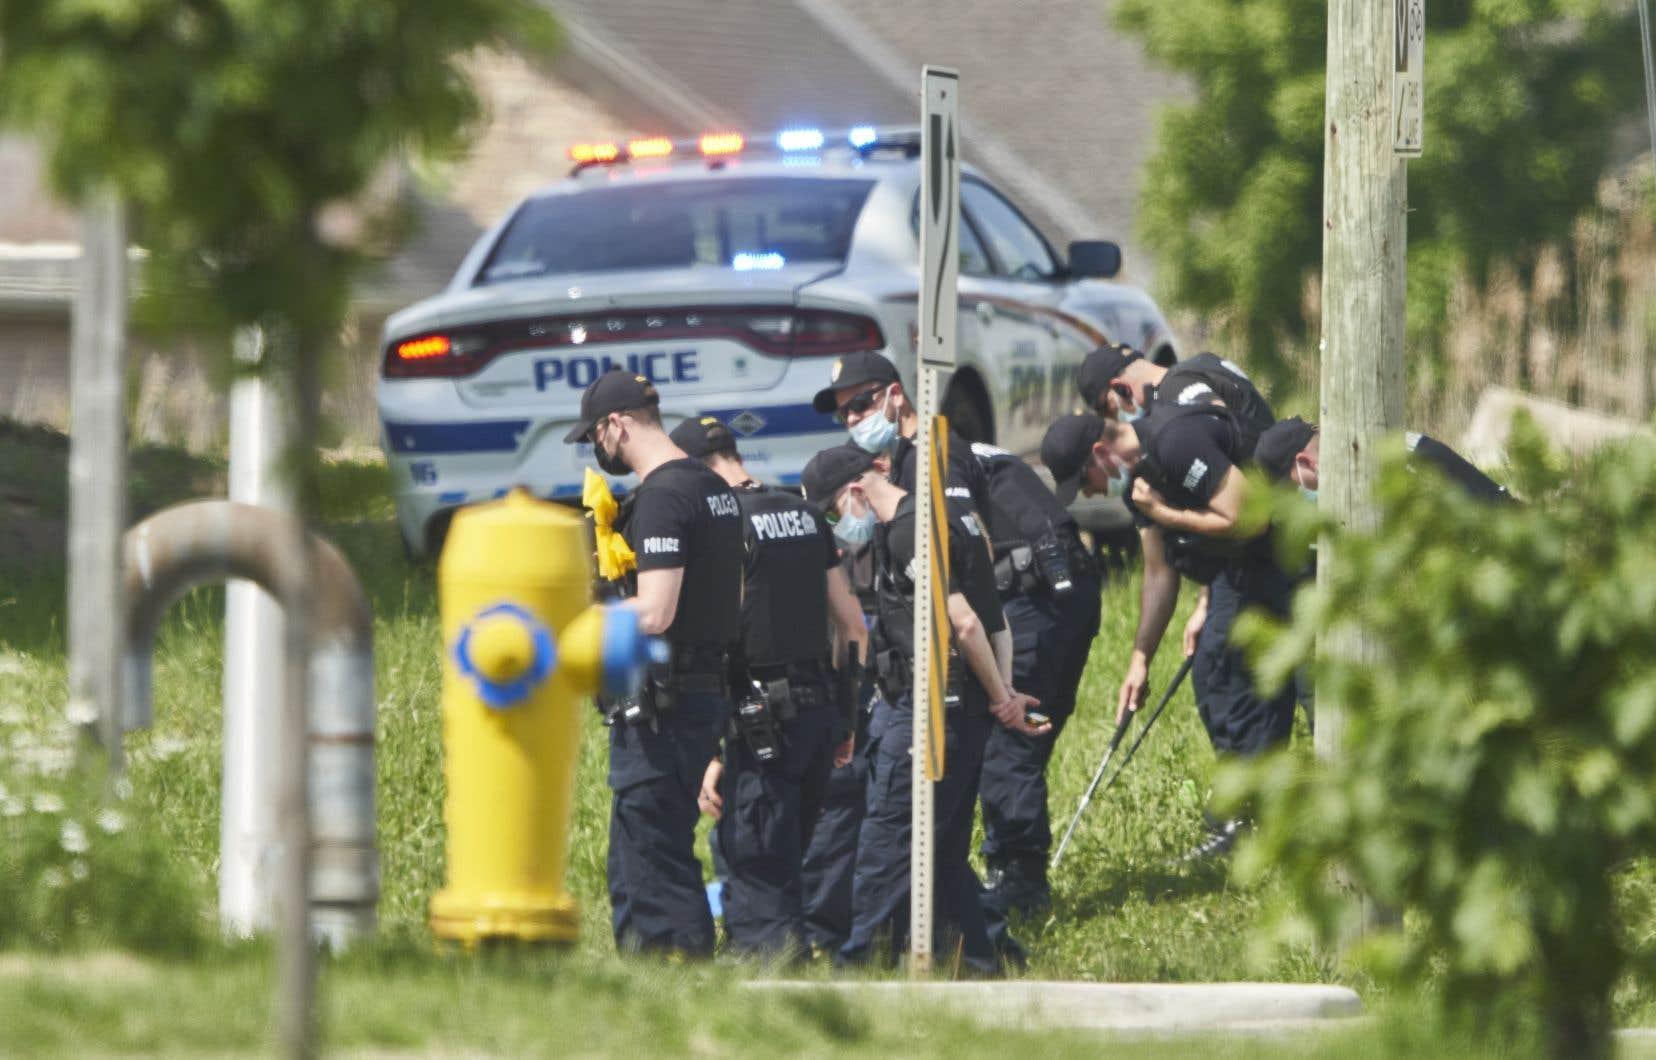 La police de London croit que les cinq membres de la même famille qui ont été frappés par un véhicule ont été ciblés parce qu'ils étaient musulmans.